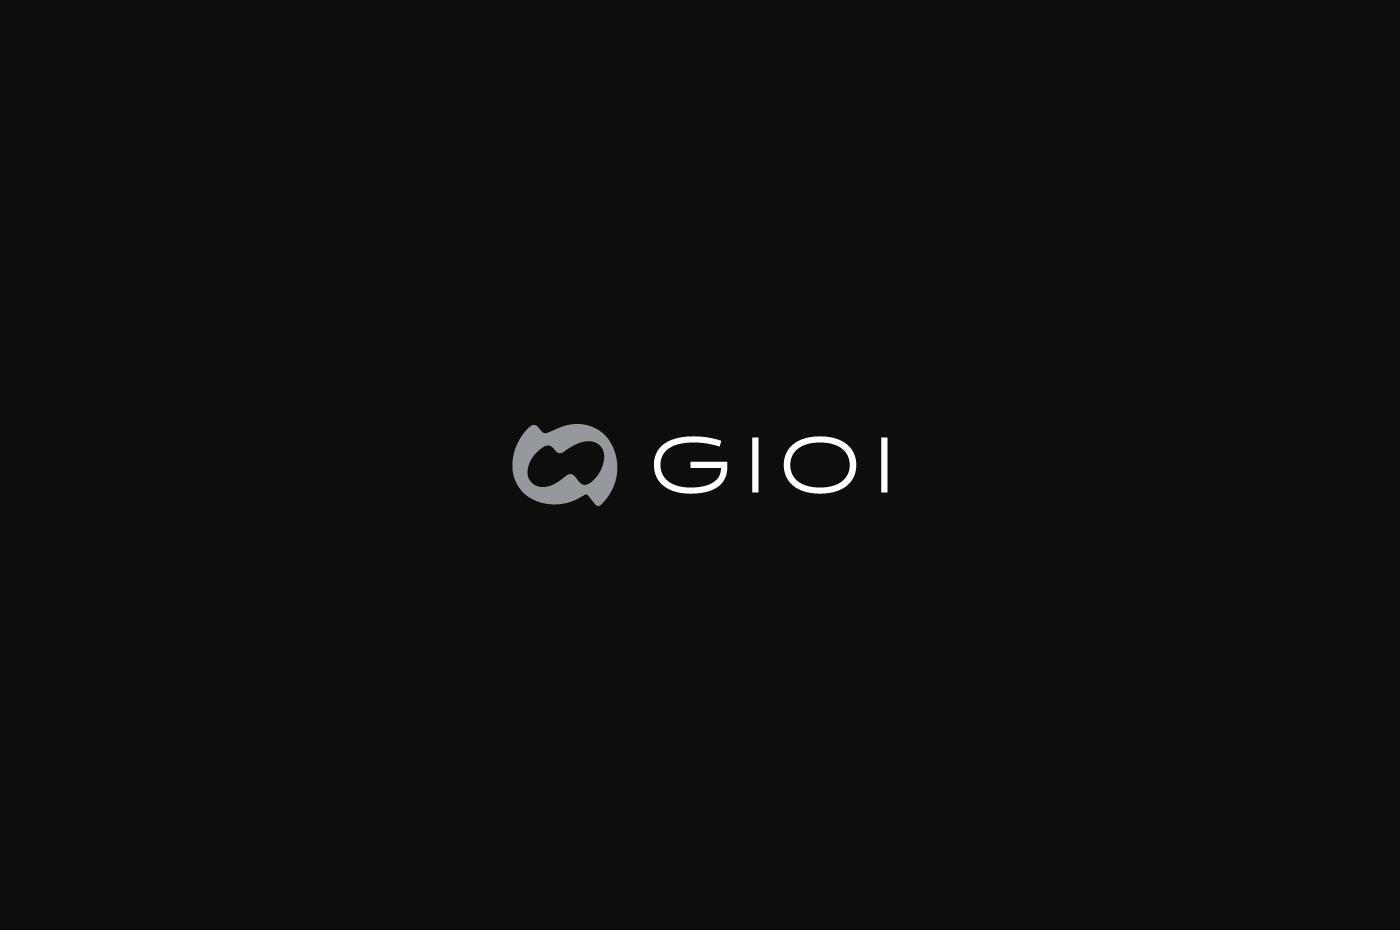 Logotype logo brand symbol logofolio logo set Collection